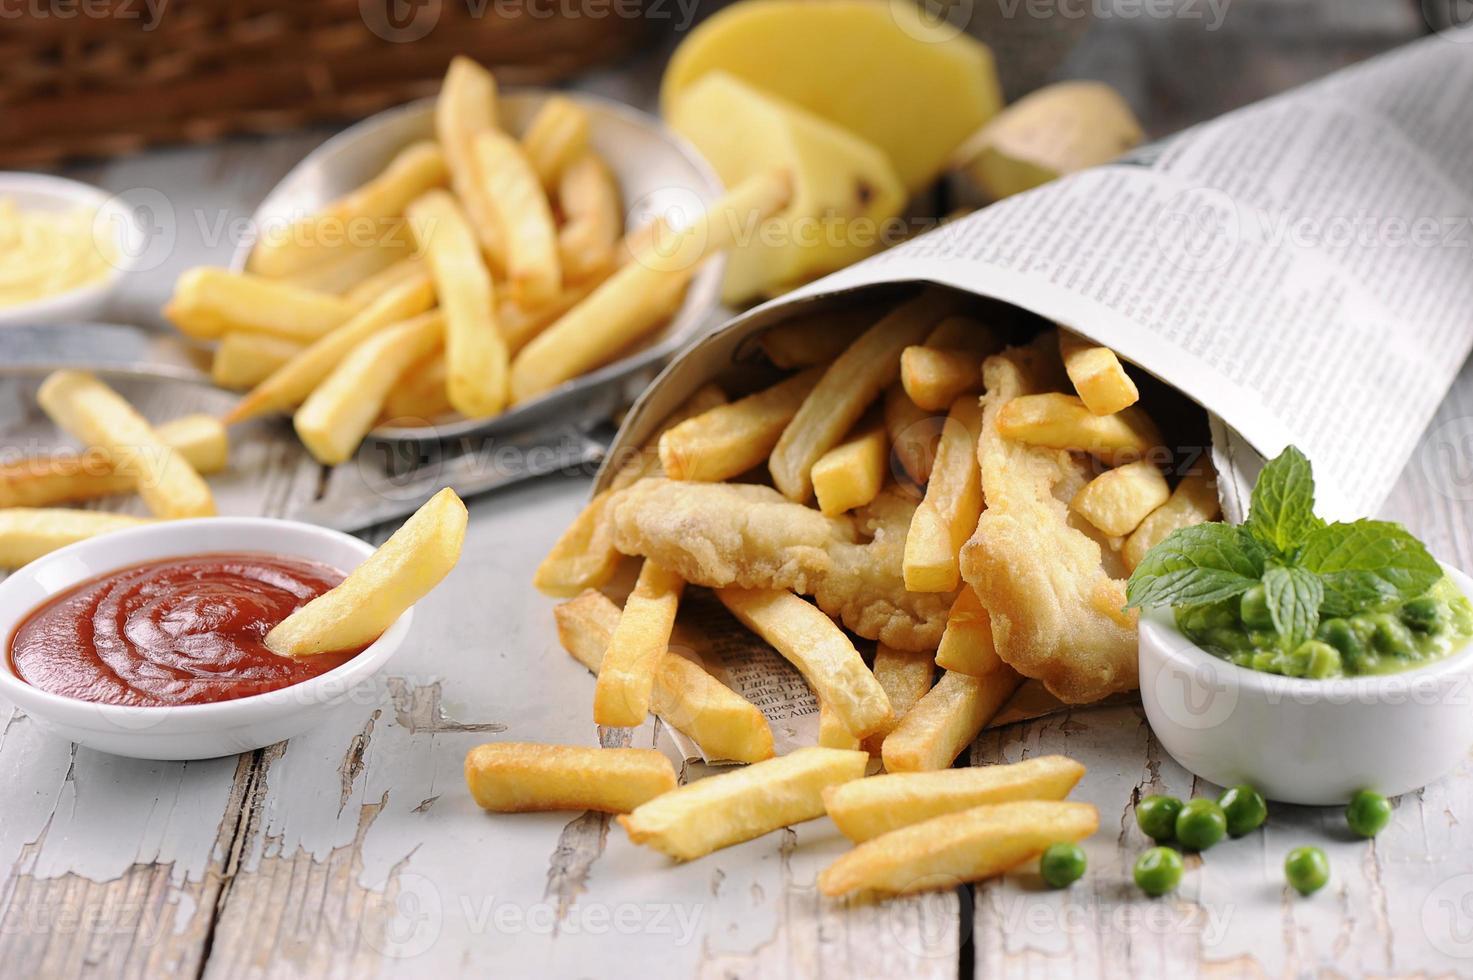 peixe caseiro e batatas fritas foto